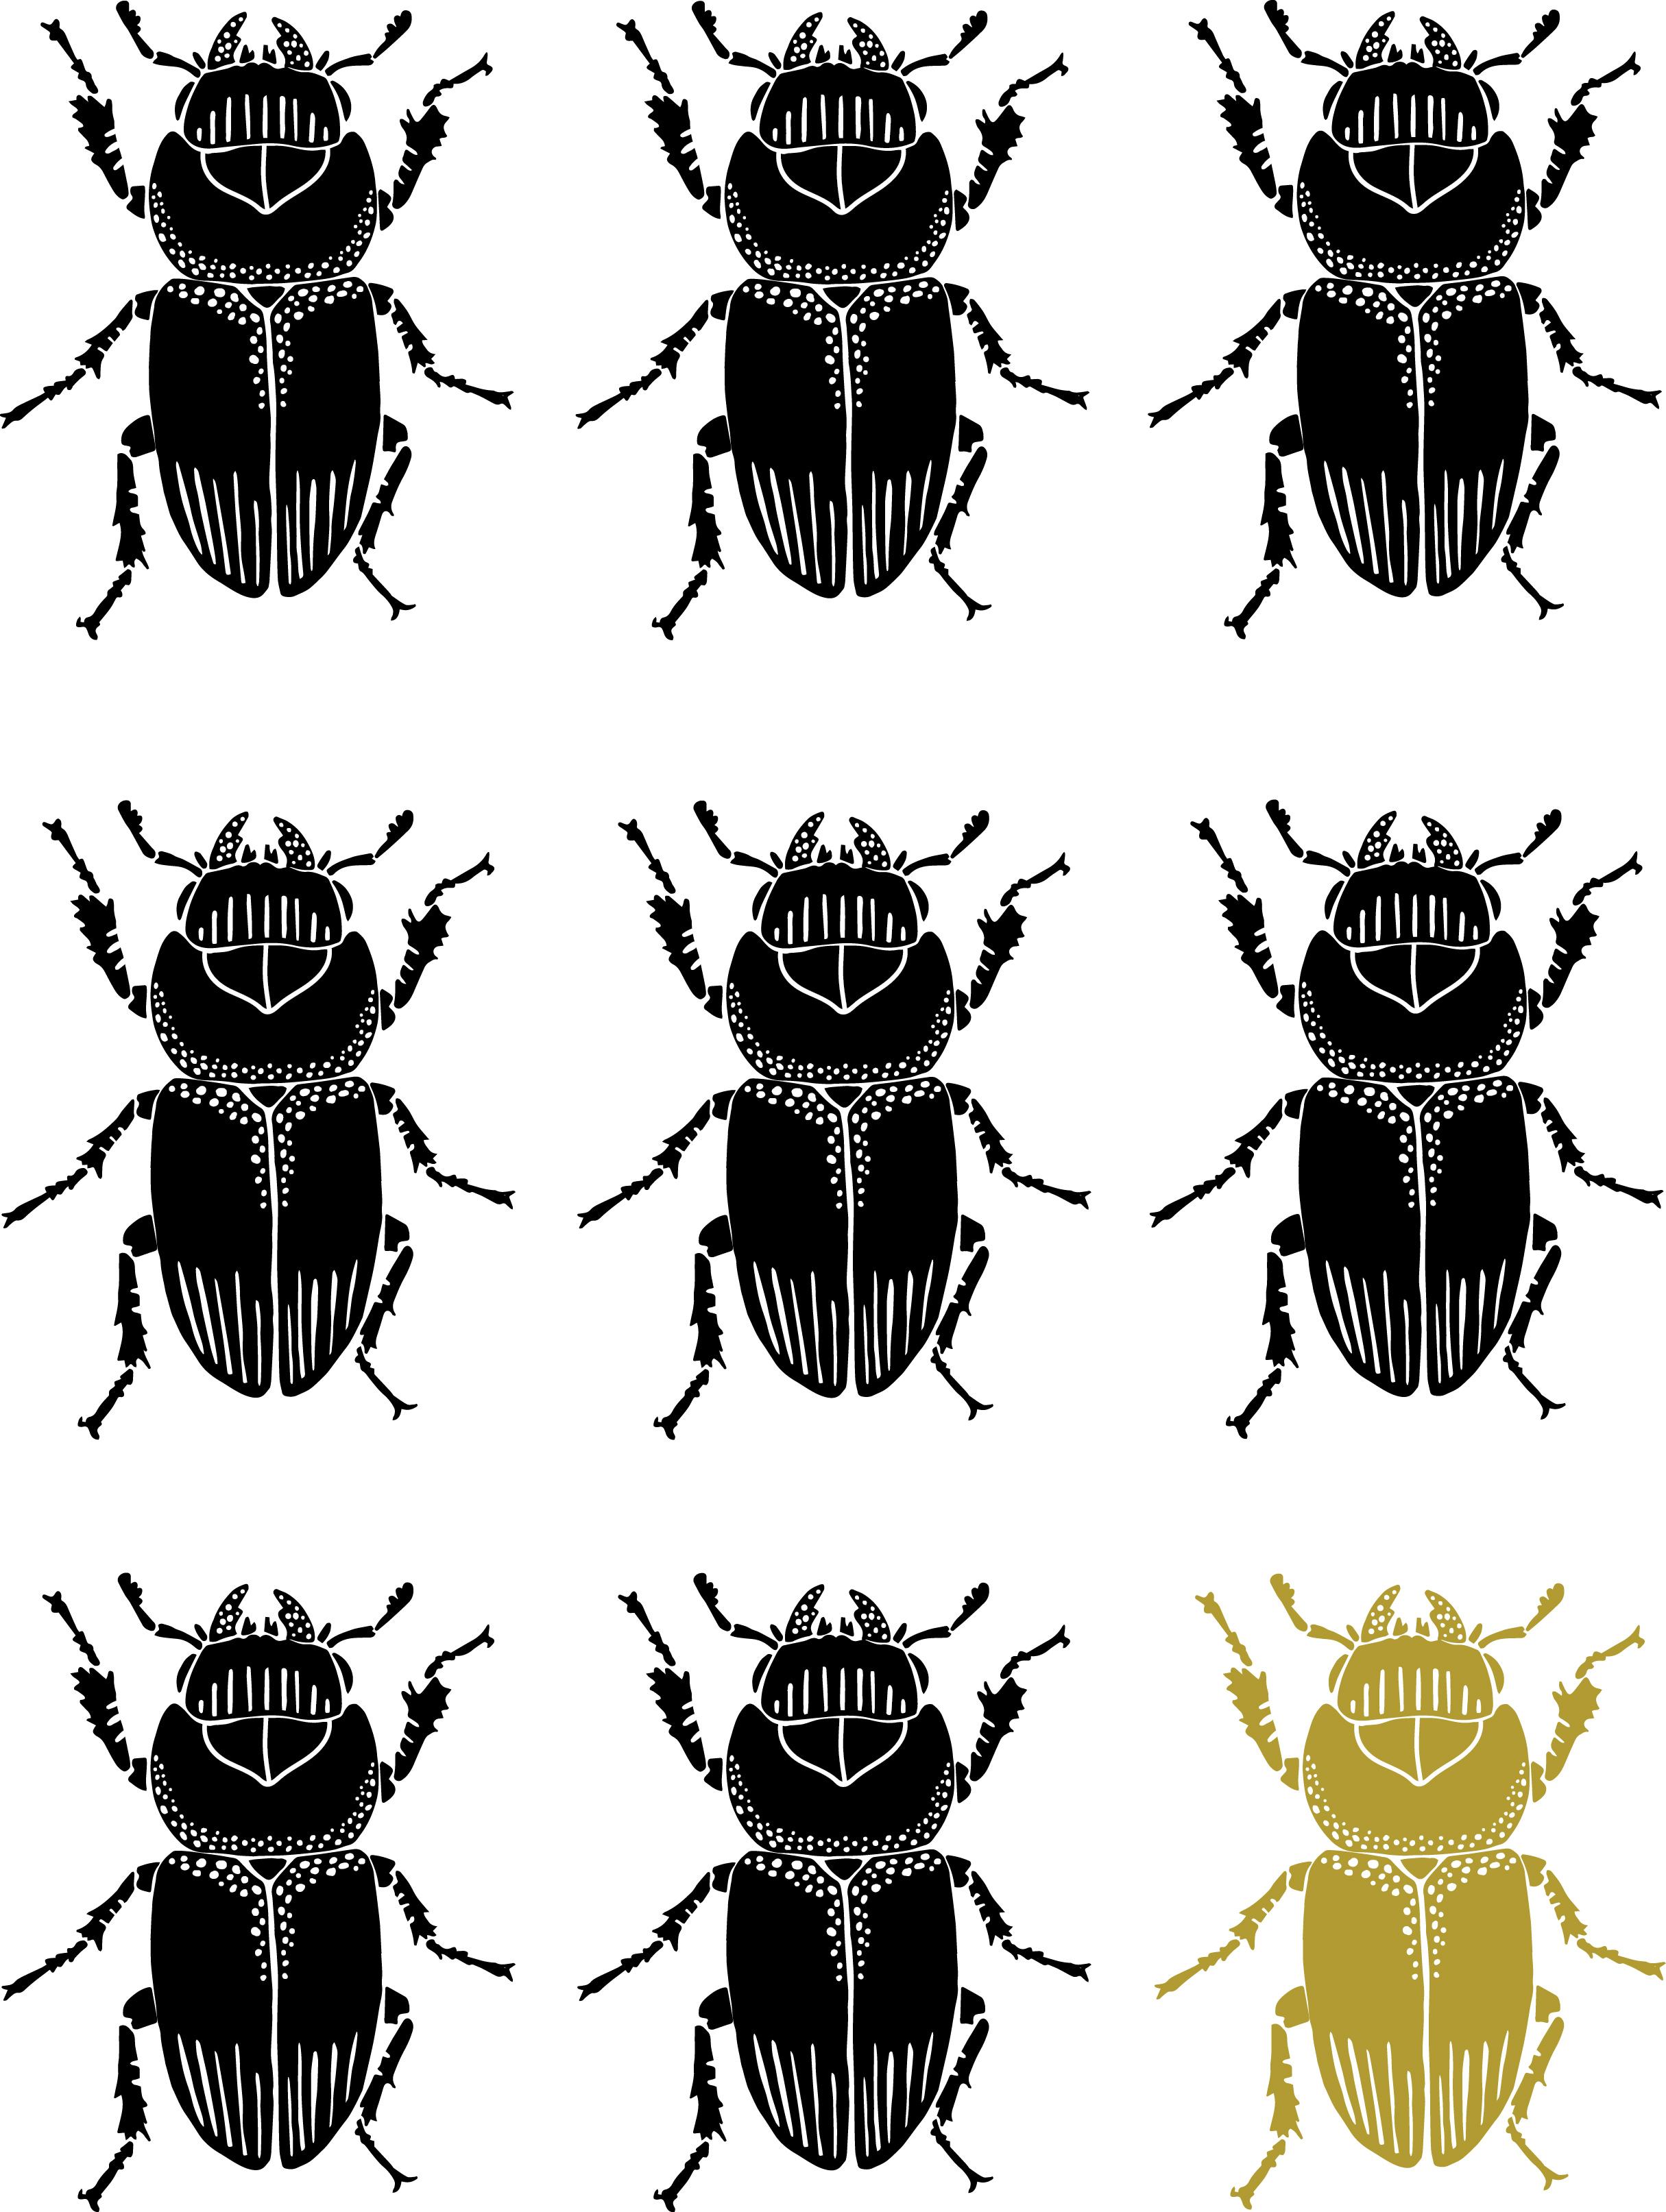 Beetle_Poster_18by24.jpg